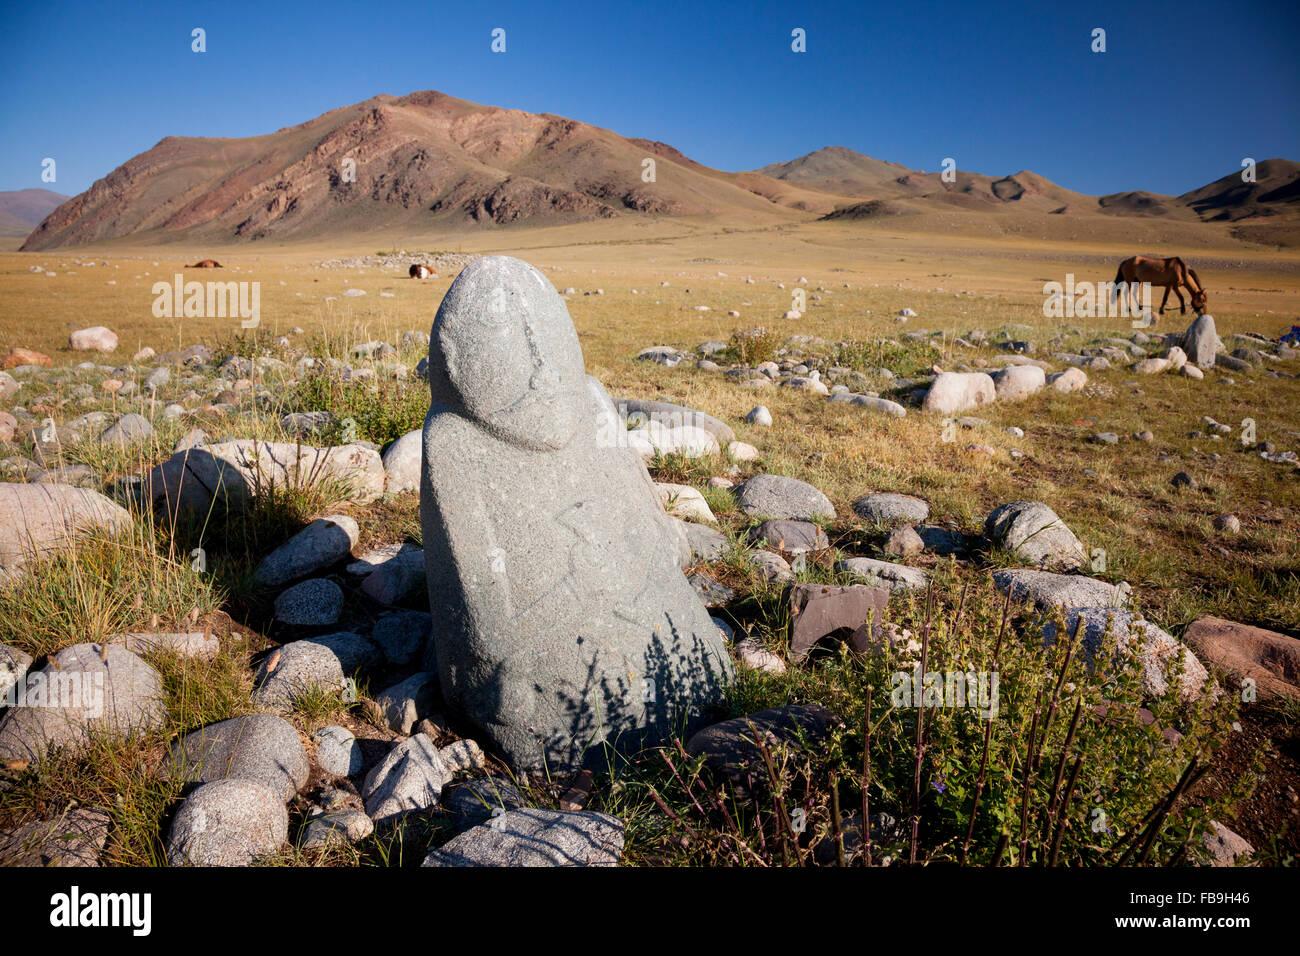 A migliaia di anni tomba turche in pietra Kharkhiraa Turgen National Park, Mongolia. Immagini Stock